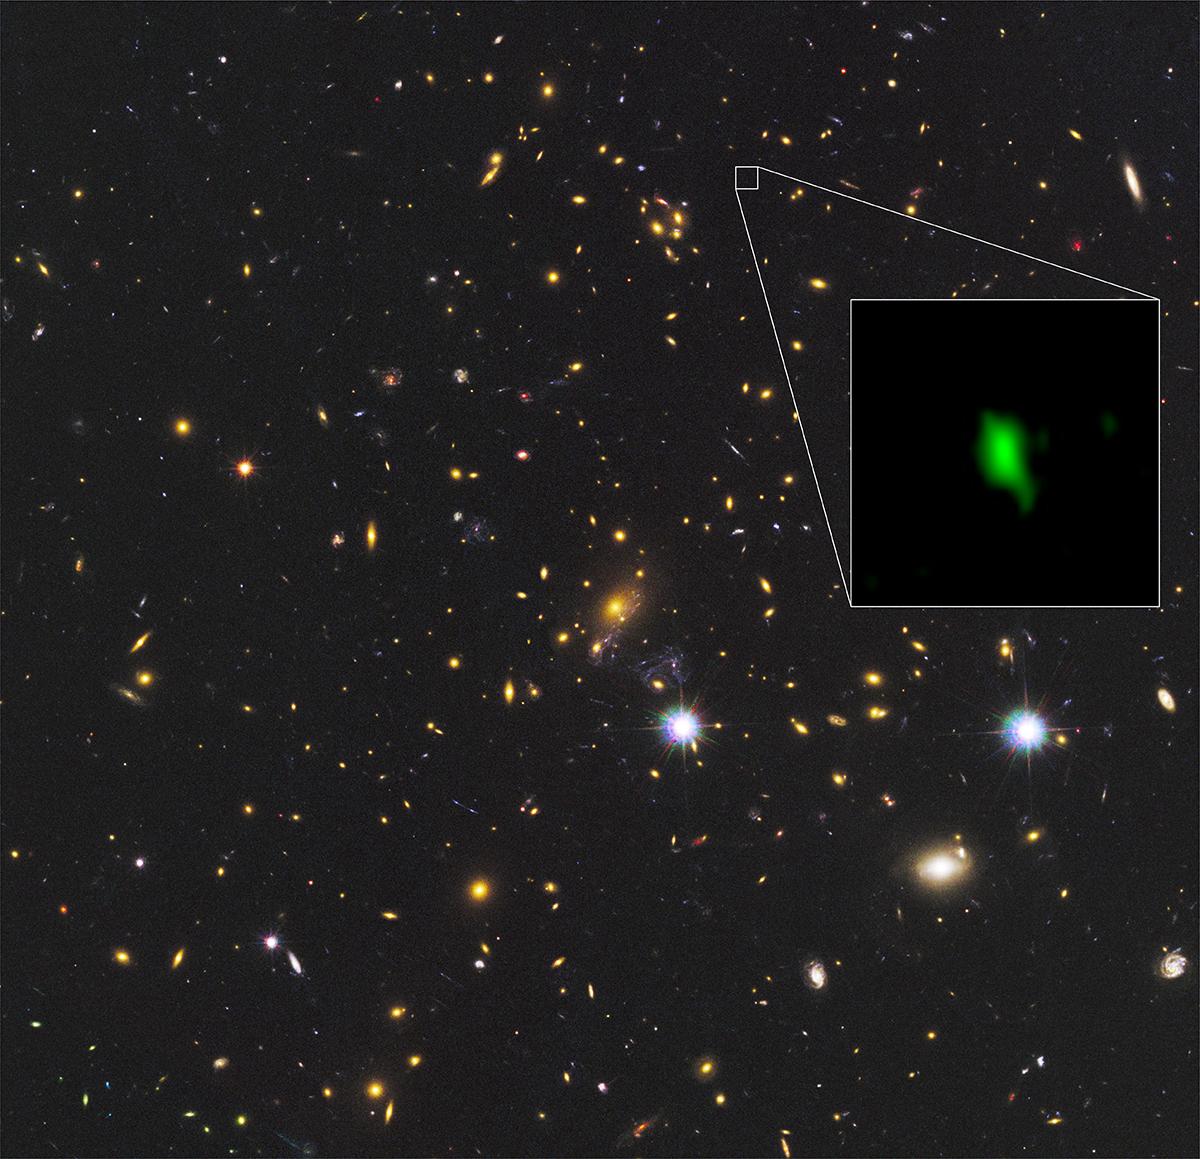 ハッブル宇宙望遠鏡が赤外線で撮影した銀河団MACS J1149.5+2223の画像の一角に、アルマ望遠鏡が電波で観測した銀河MACS1149-JD1を合成した画像。実際にはMACS1149-JD1は銀河団よりもずっと遠い場所にありますが、地球から見ると偶然重なって見えます。画像では、アルマ望遠鏡が観測した酸素の分布を緑色で表現しています。© ALMA (ESO/NAOJ/NRAO), NASA/ESA Hubble Space Telescope, W. Zheng (JHU), M. Postman (STScI), the CLASH Team, Hashimoto et al.